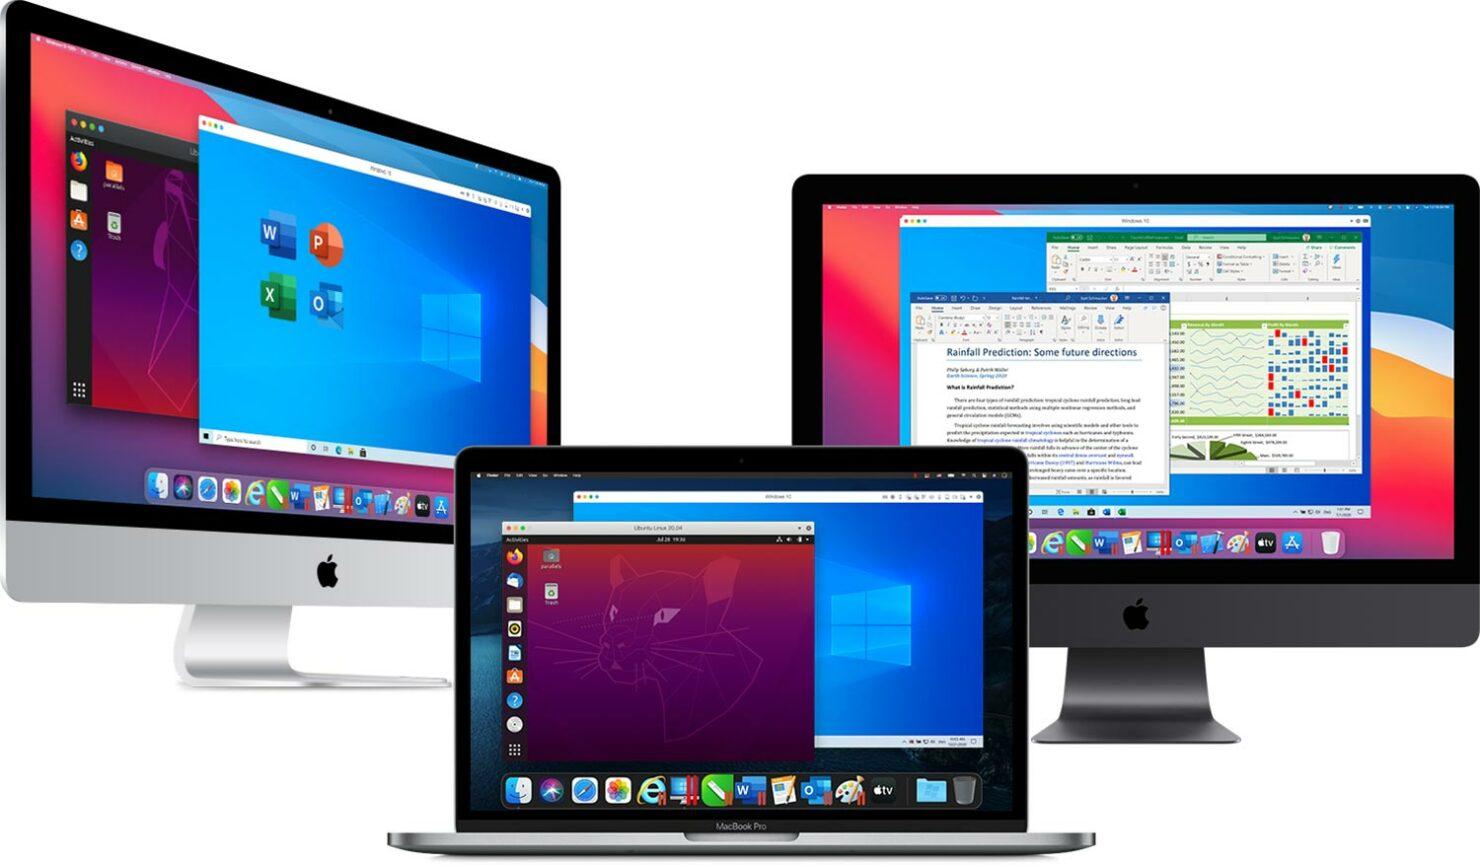 parallels desktop 16.5 apple m1 windows 10 on arm